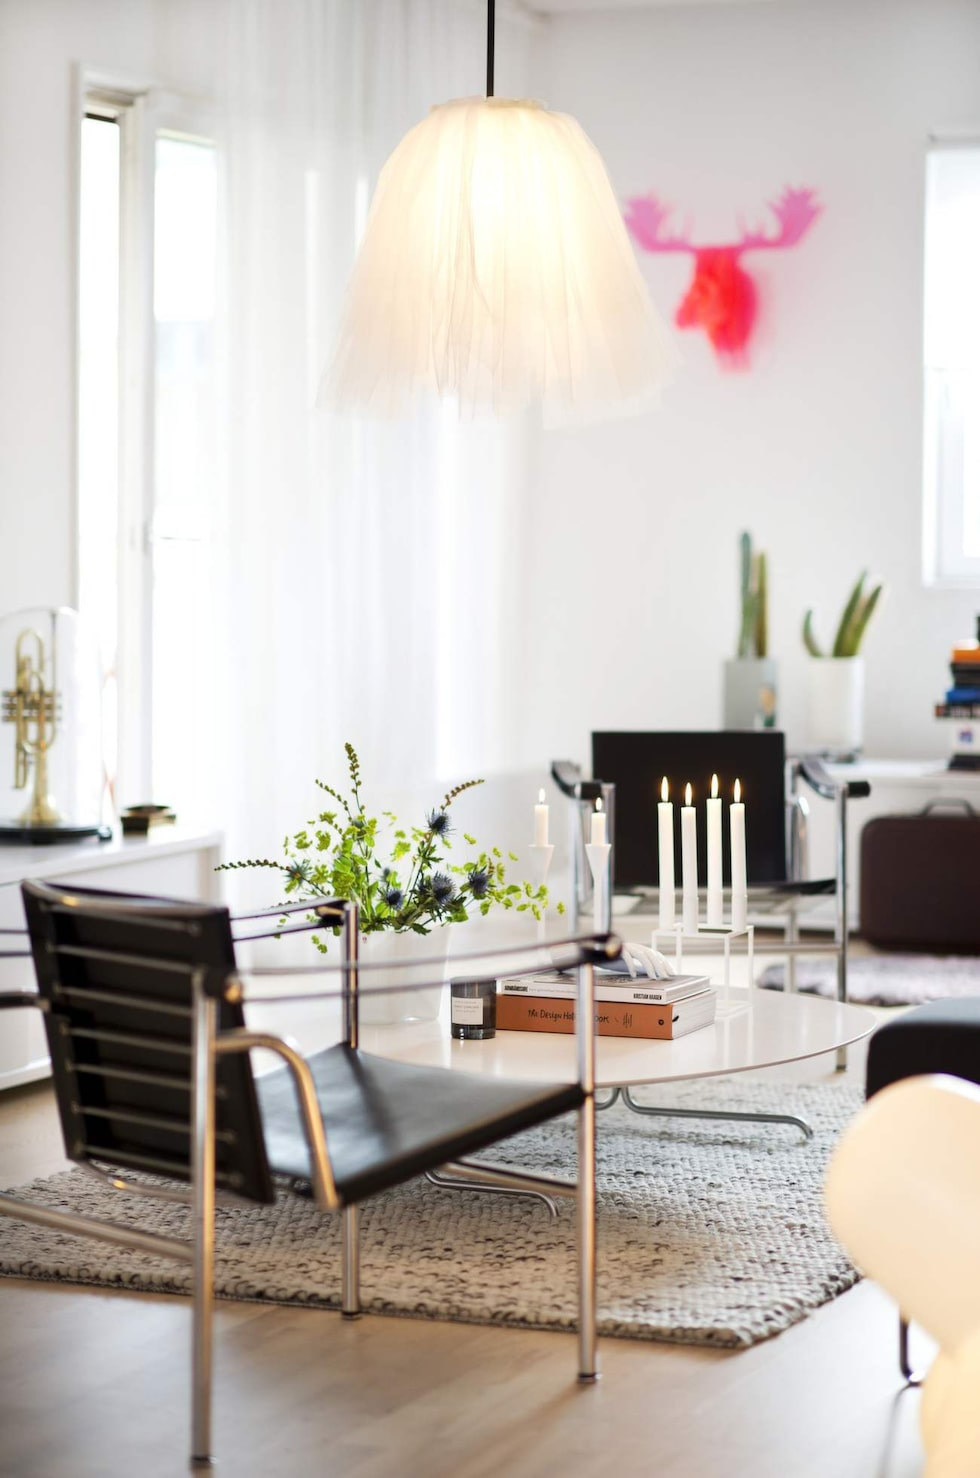 I allrummet står fåtöljerna Le corbusier LC1 tillsammans med soffbord och bänkar från Asplund. Taklampan som påminner om en ballerinakjol är designad av Jonas Bohlin. På väggen hänger en rosa Moose trophy från Catrines företag Cooee design.